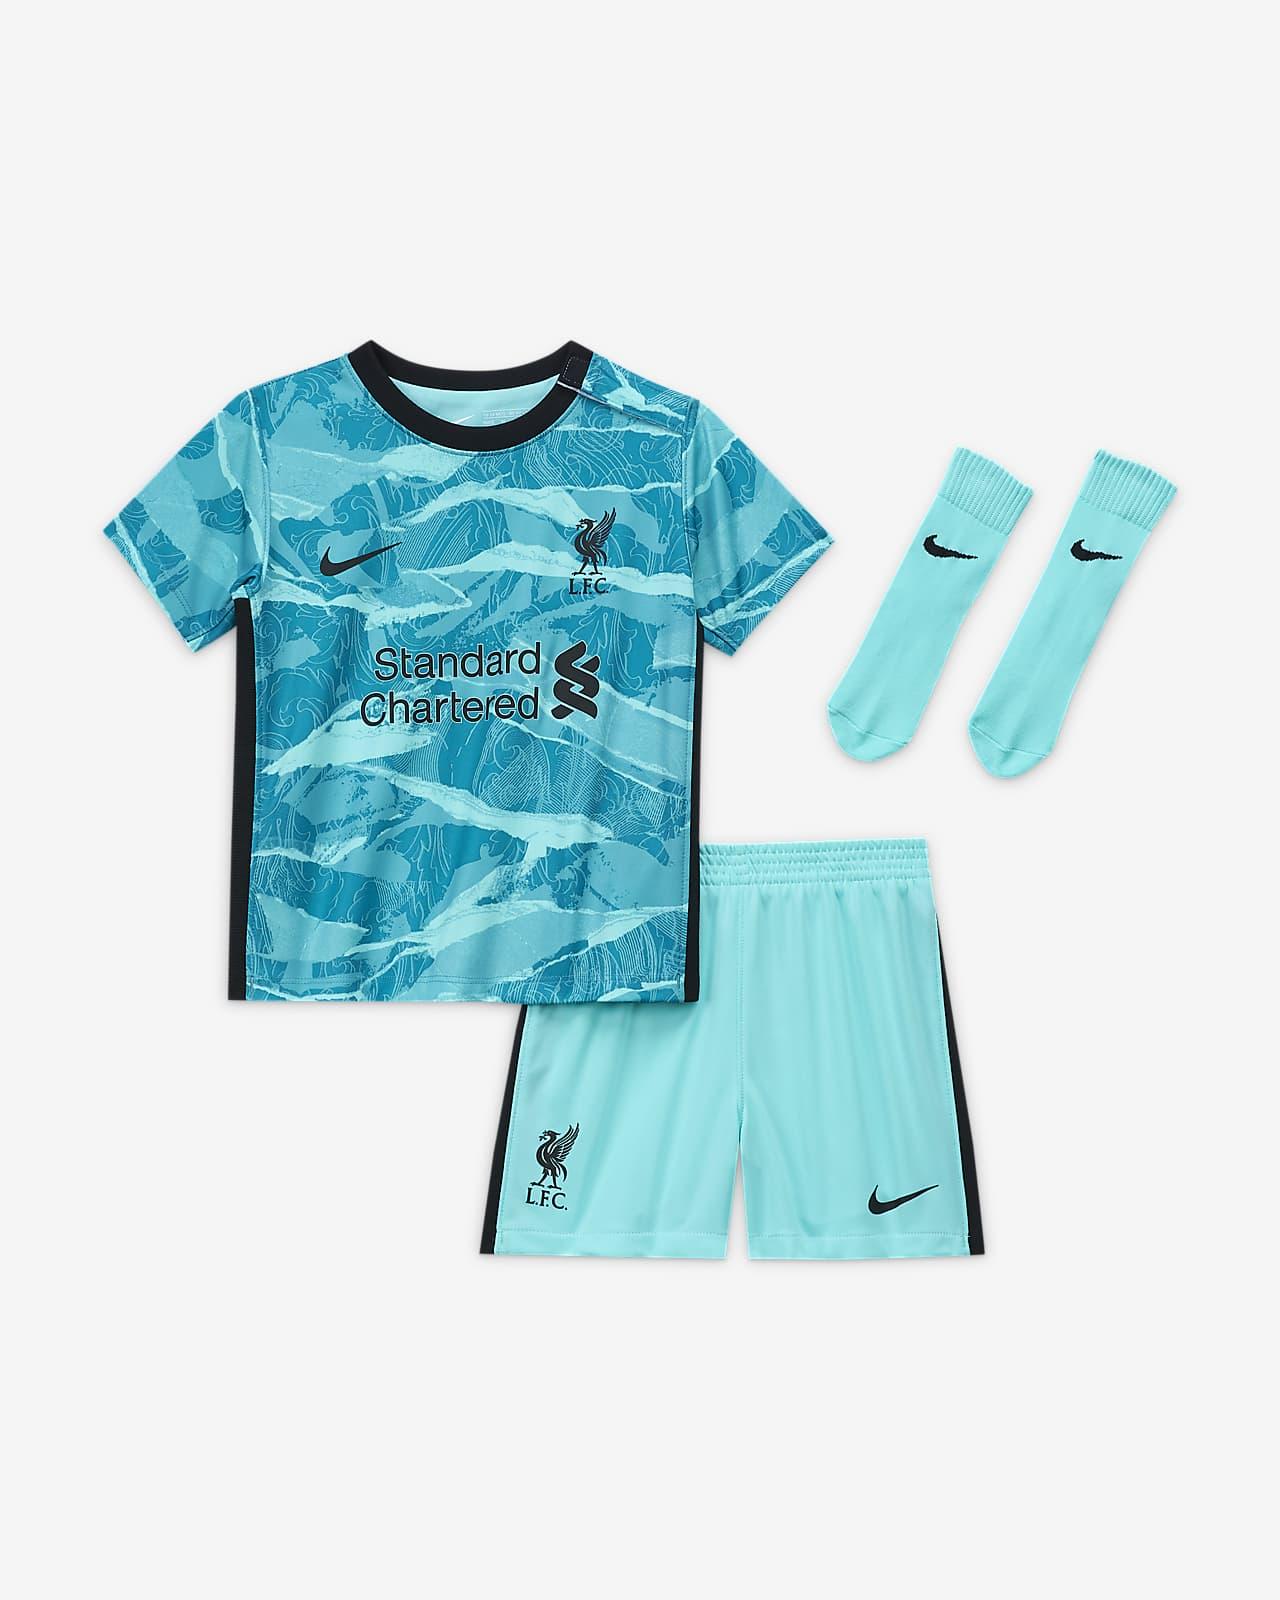 Venkovní fotbalová souprava Liverpool FC 2020/21 pro kojence a batolata